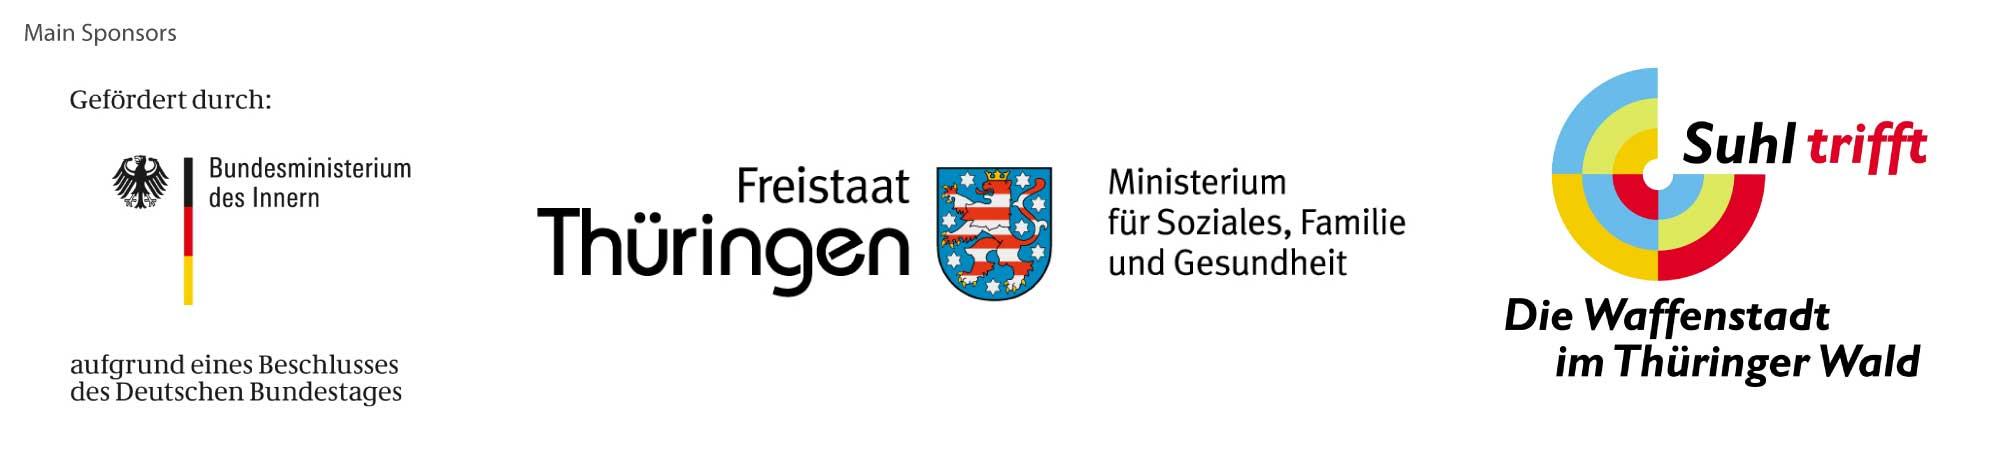 Suhl 2014 Sponsor banner horizontal